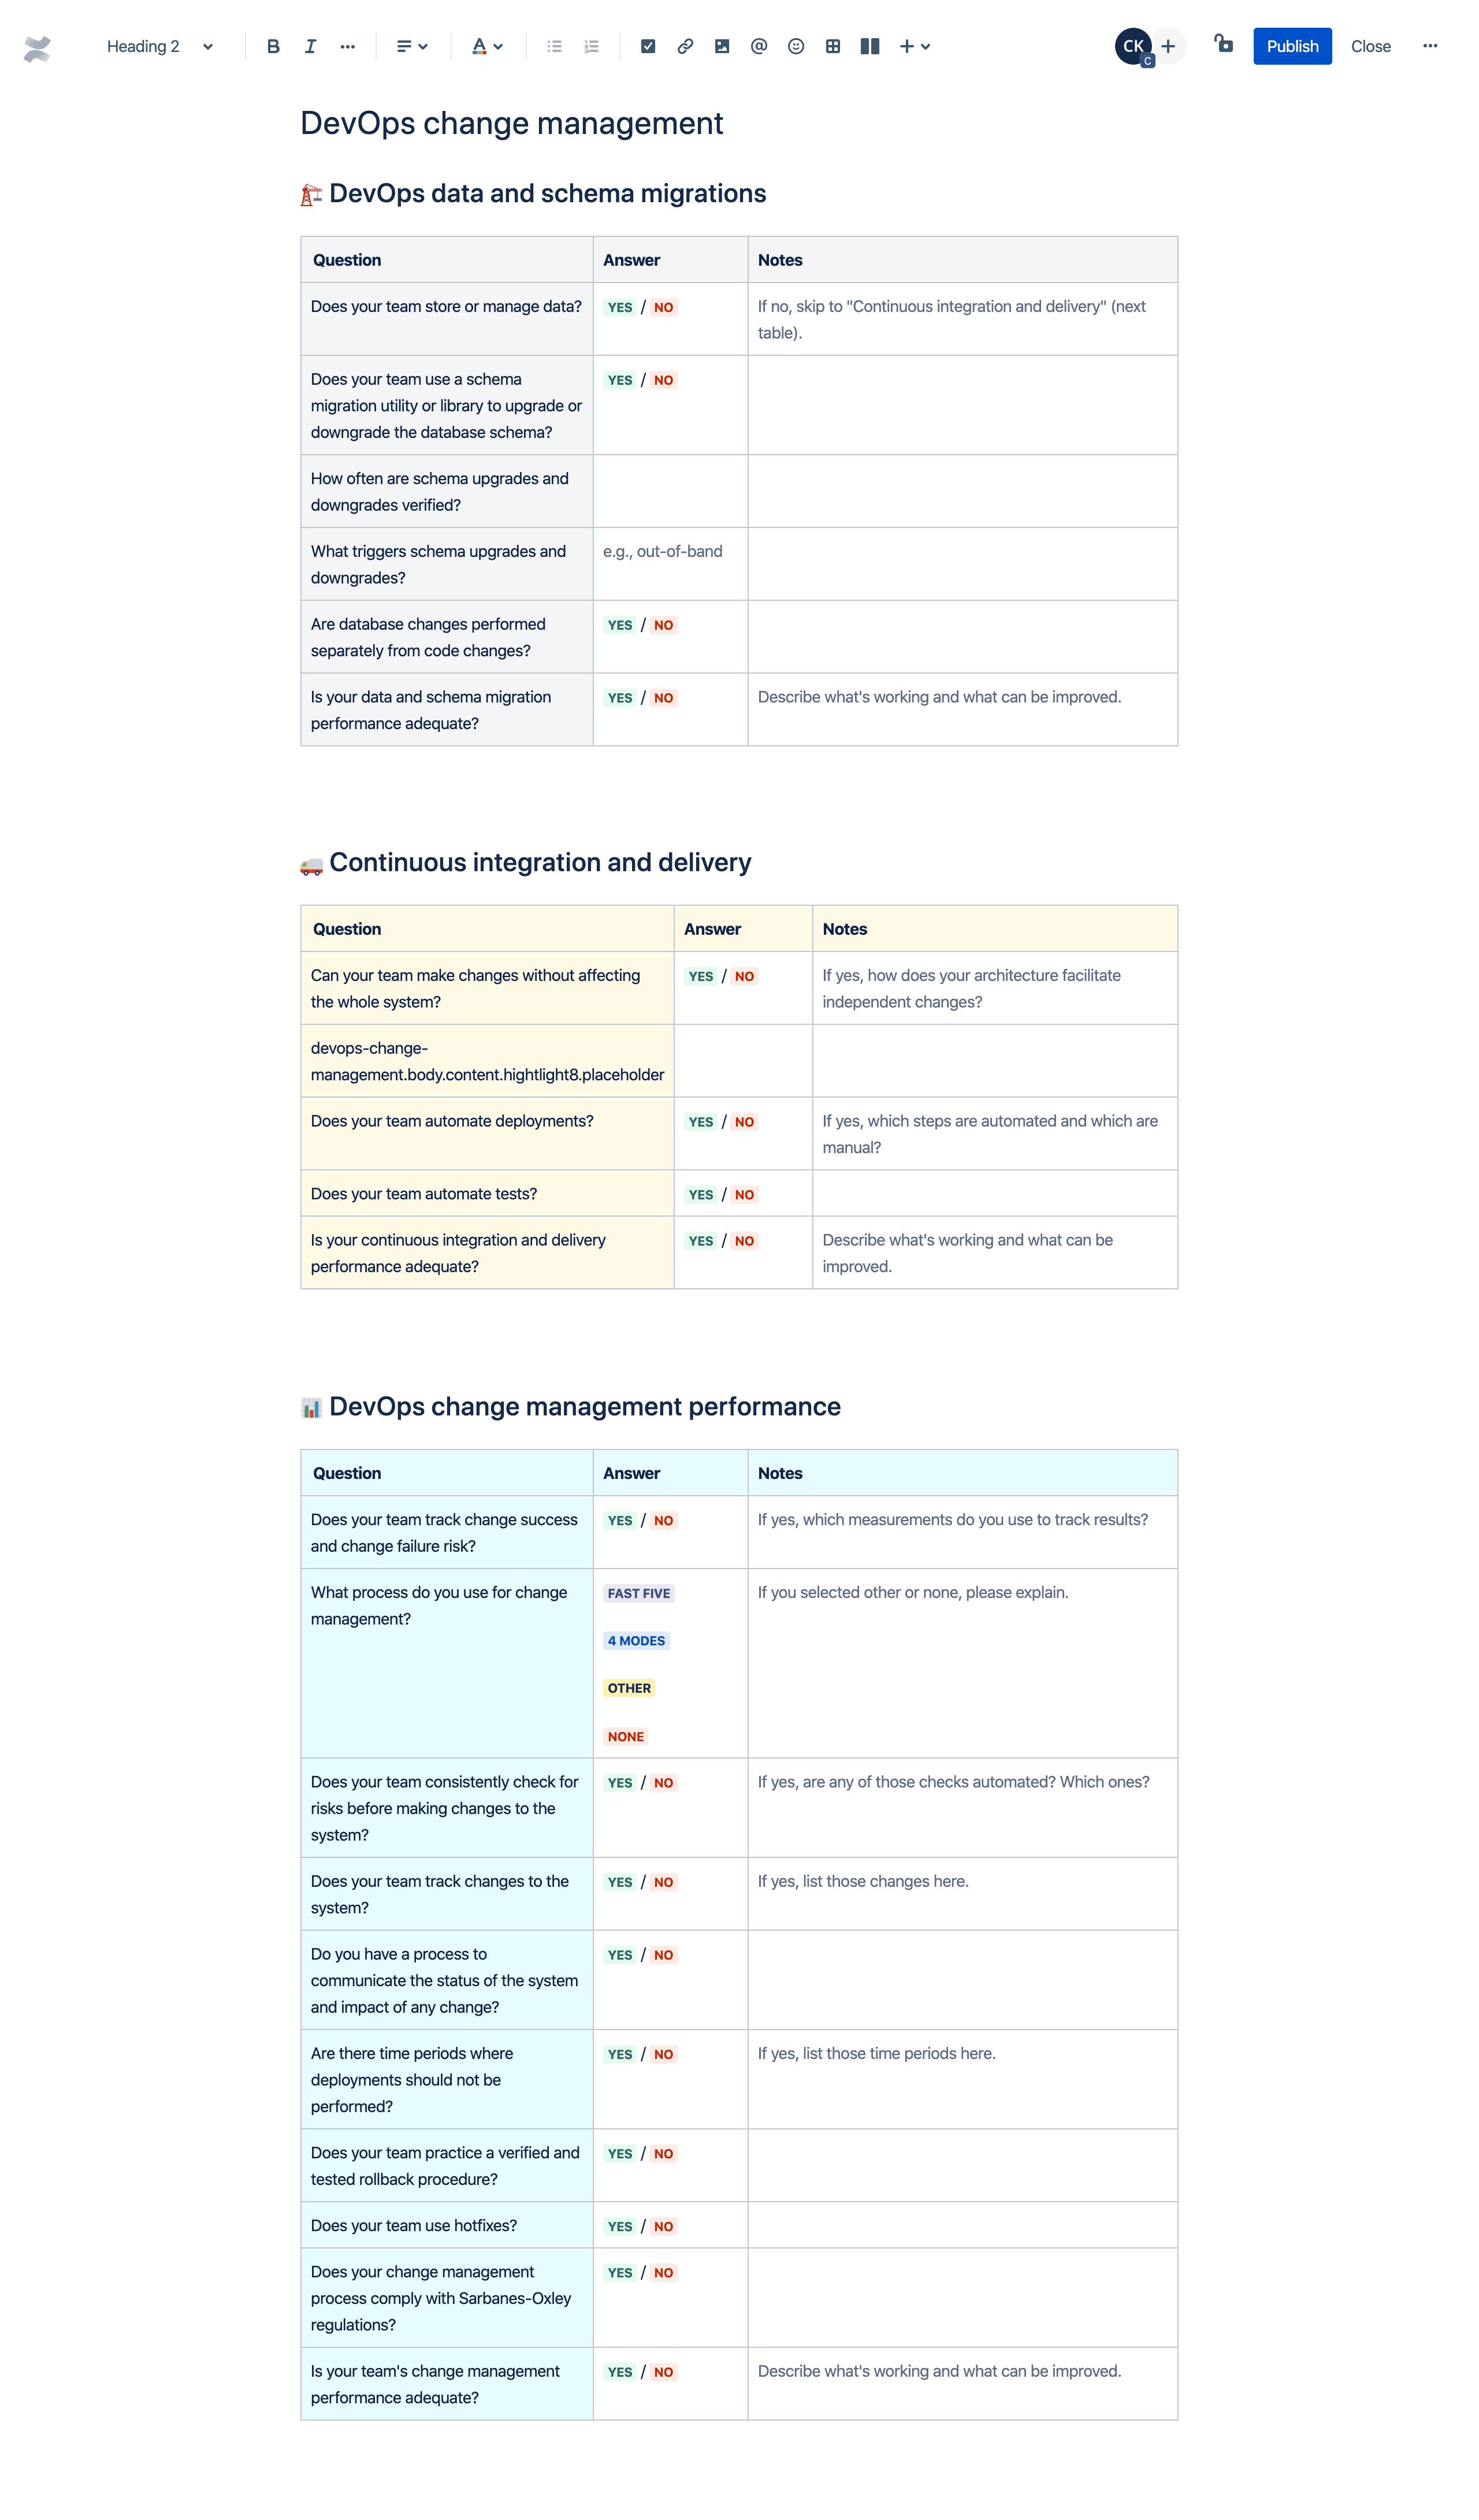 Plantilla de gestión de cambios de DevOps